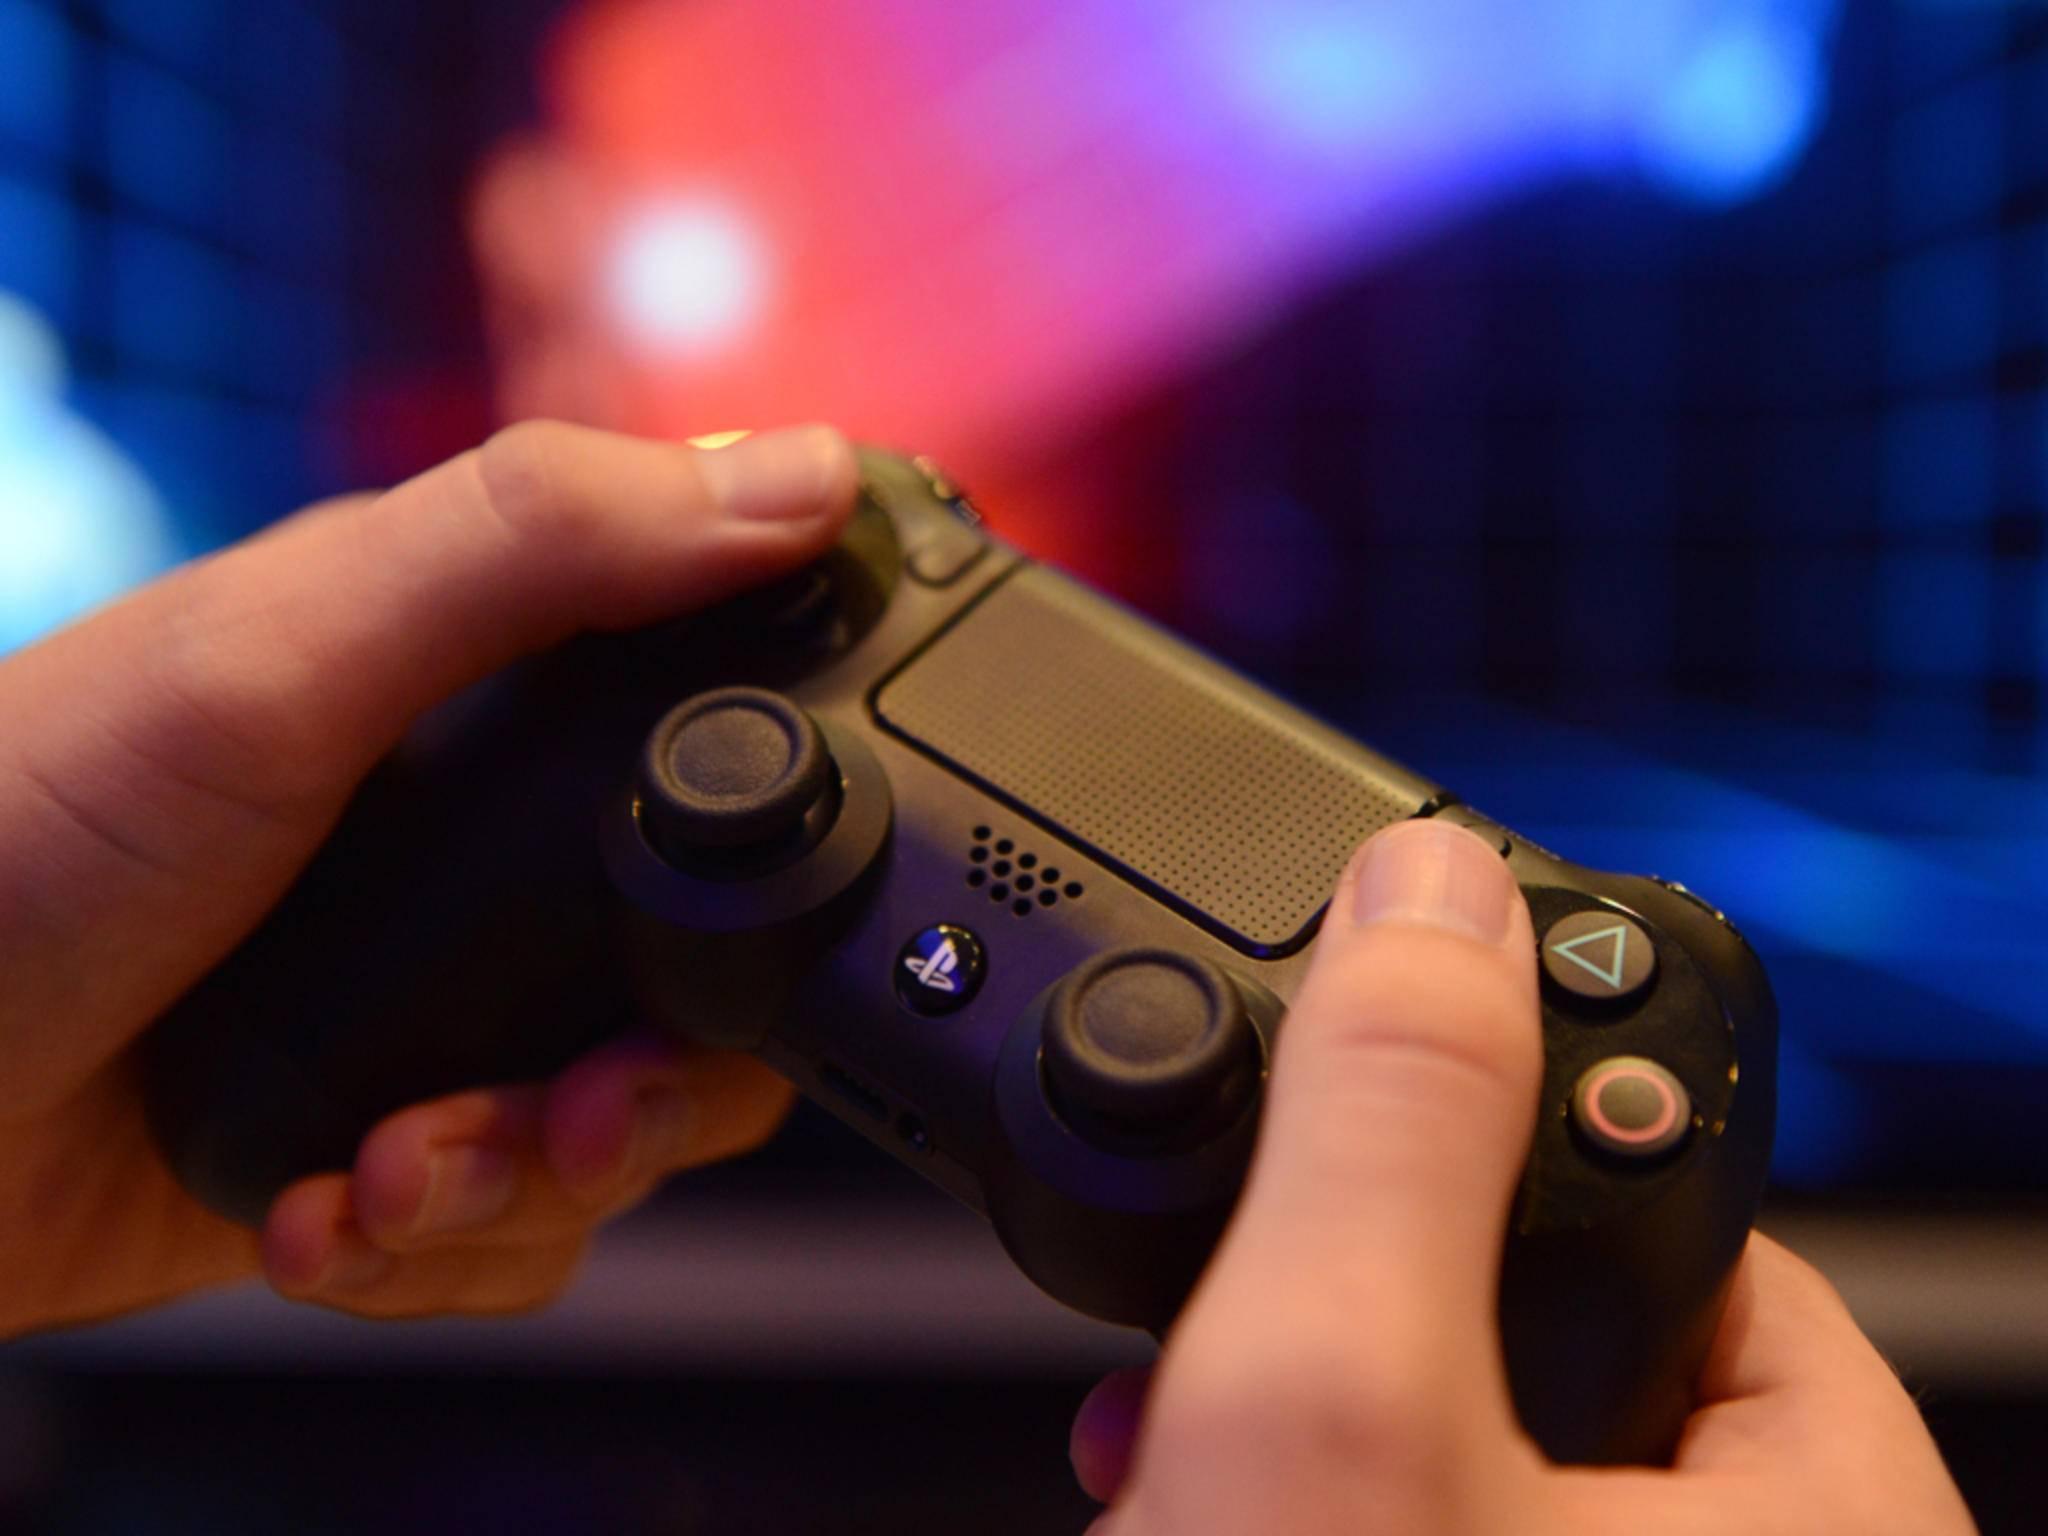 Die PS4 bekommt am Mittwoch ein neues Software-Update.